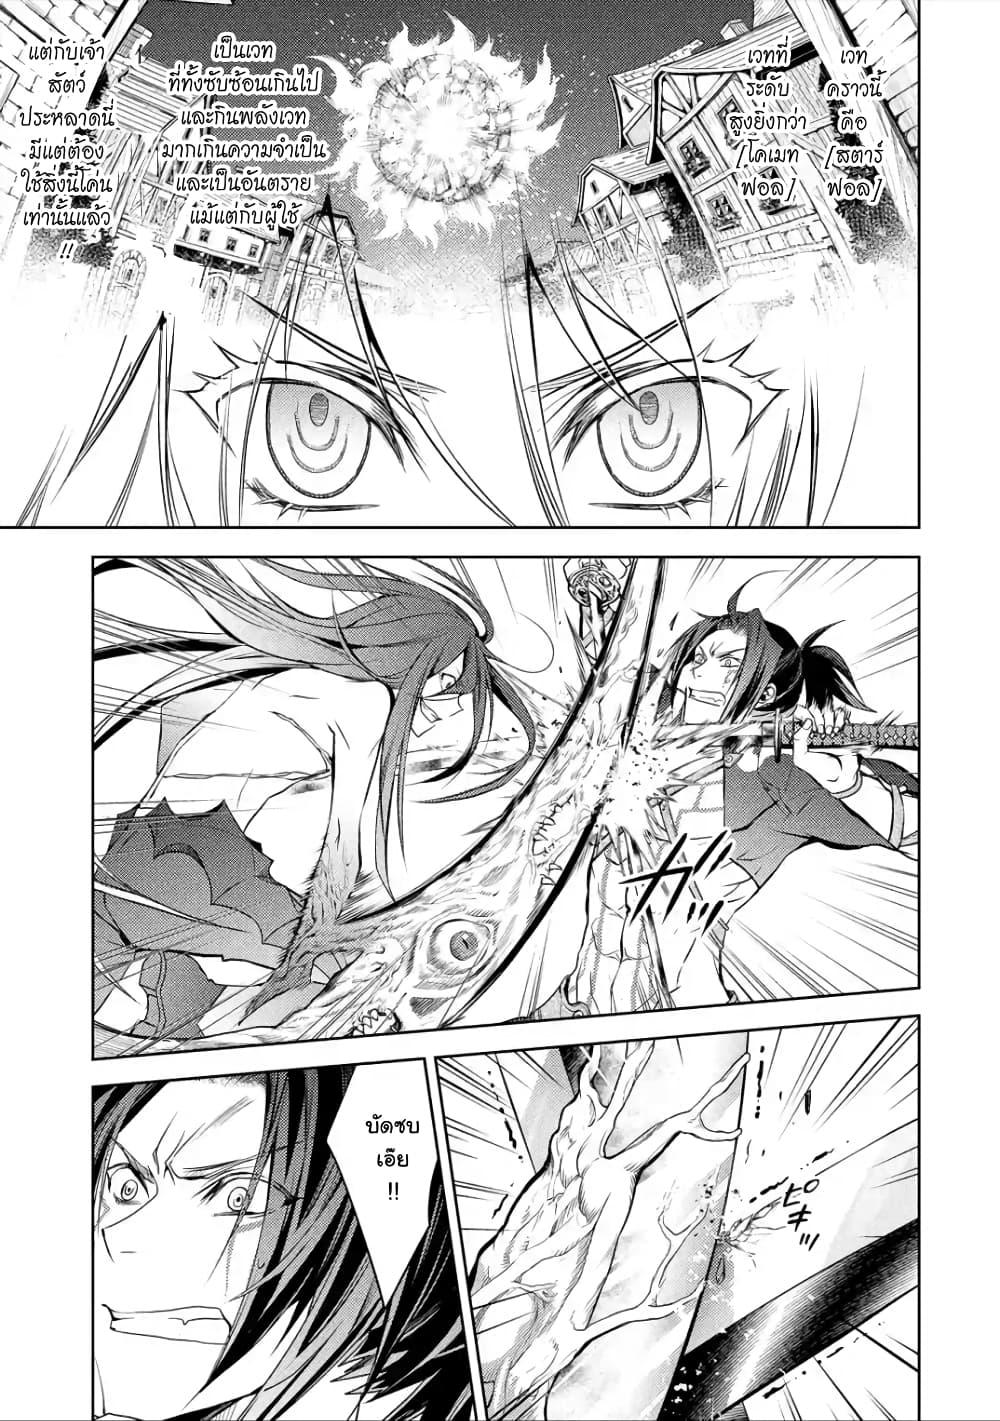 อ่านการ์ตูน Senmetsumadou no Saikyokenja ตอนที่ 2.4 หน้าที่ 5